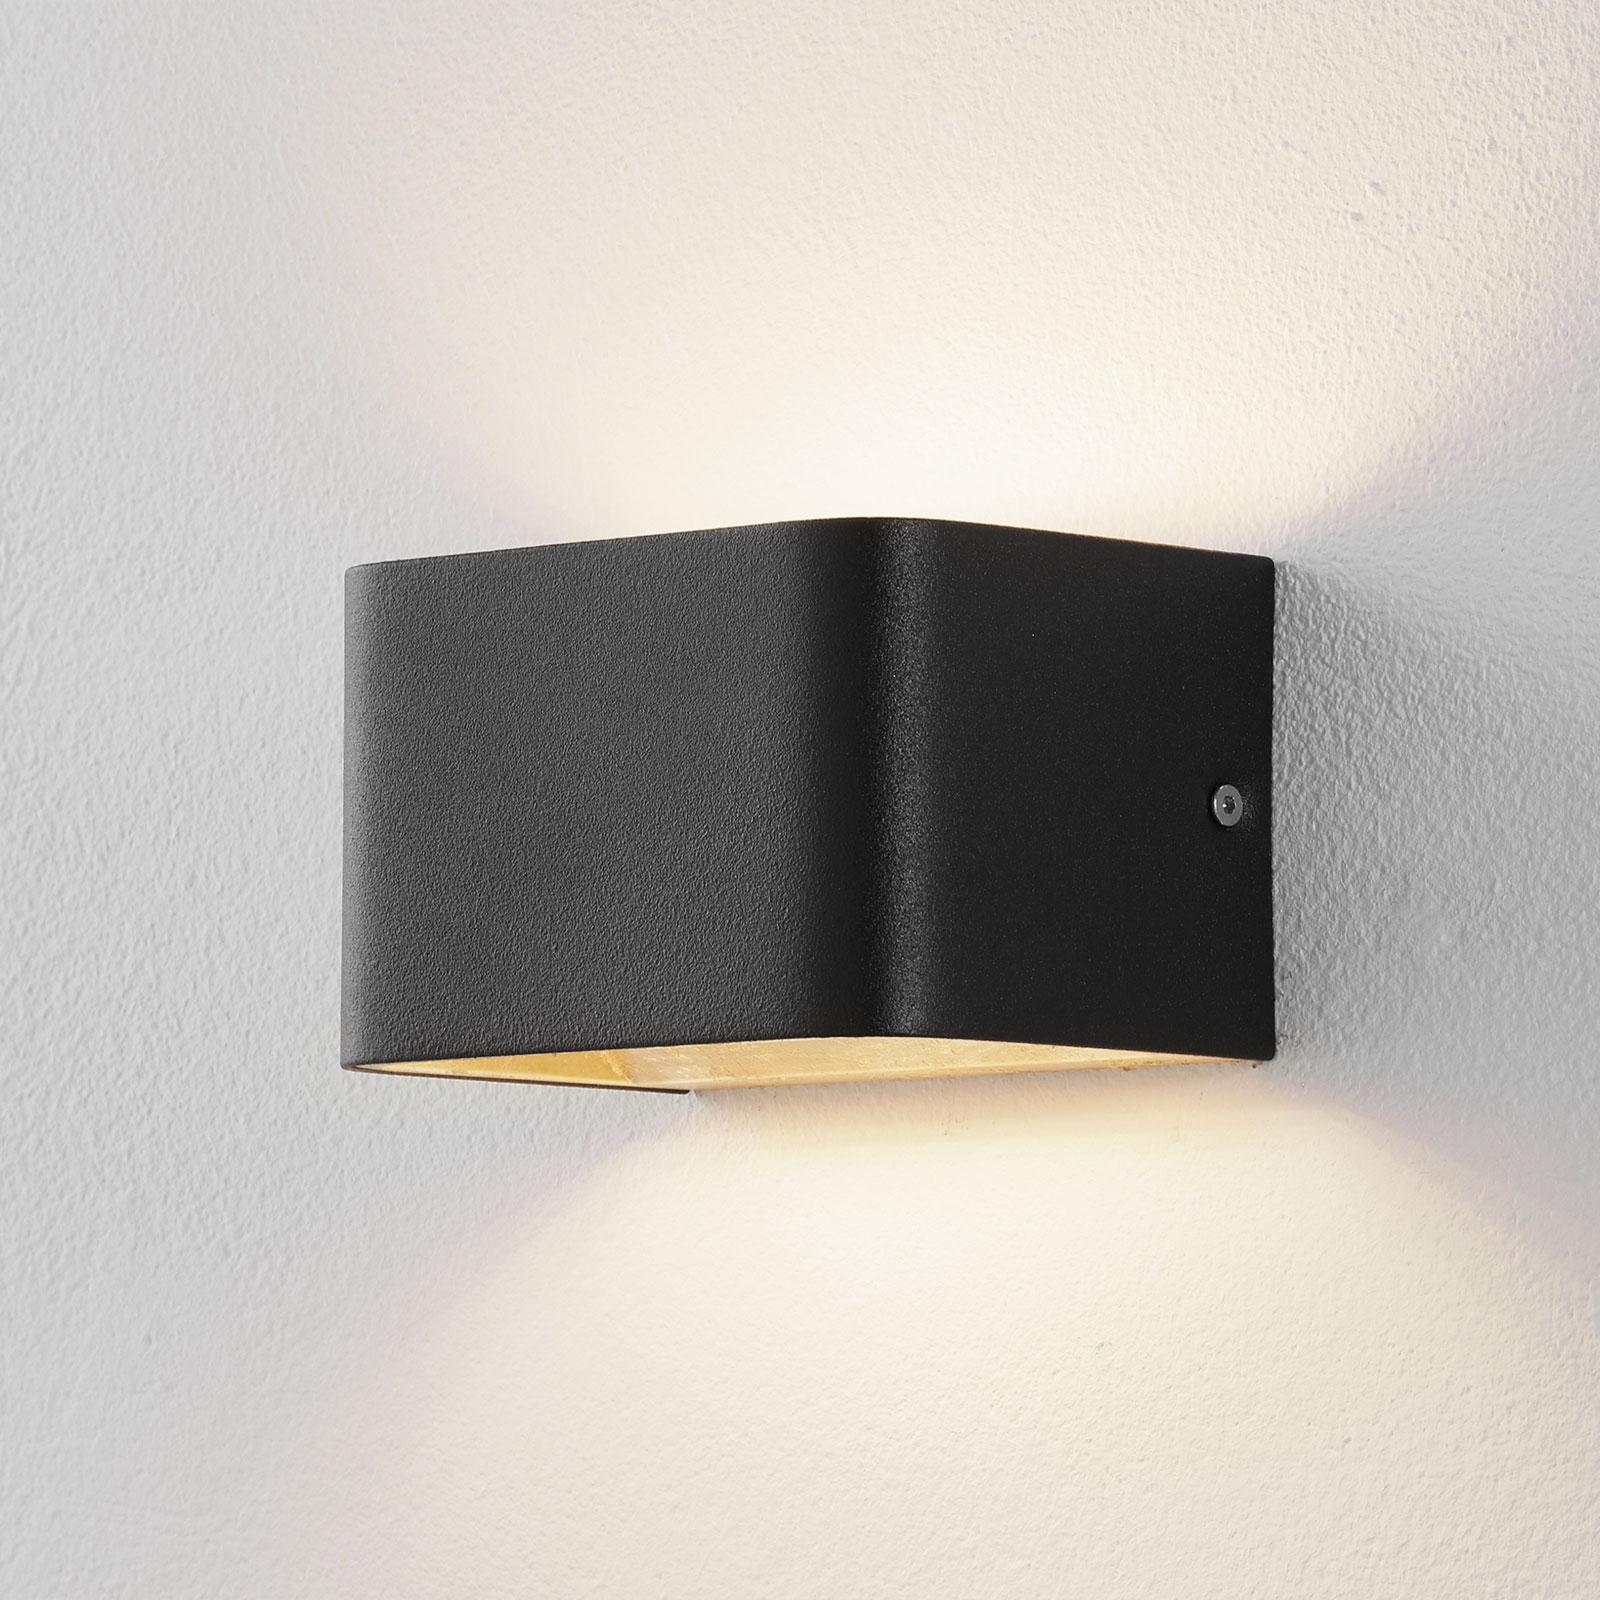 Lucande Sessa LED-Wandleuchte 13cm schwarz-gold